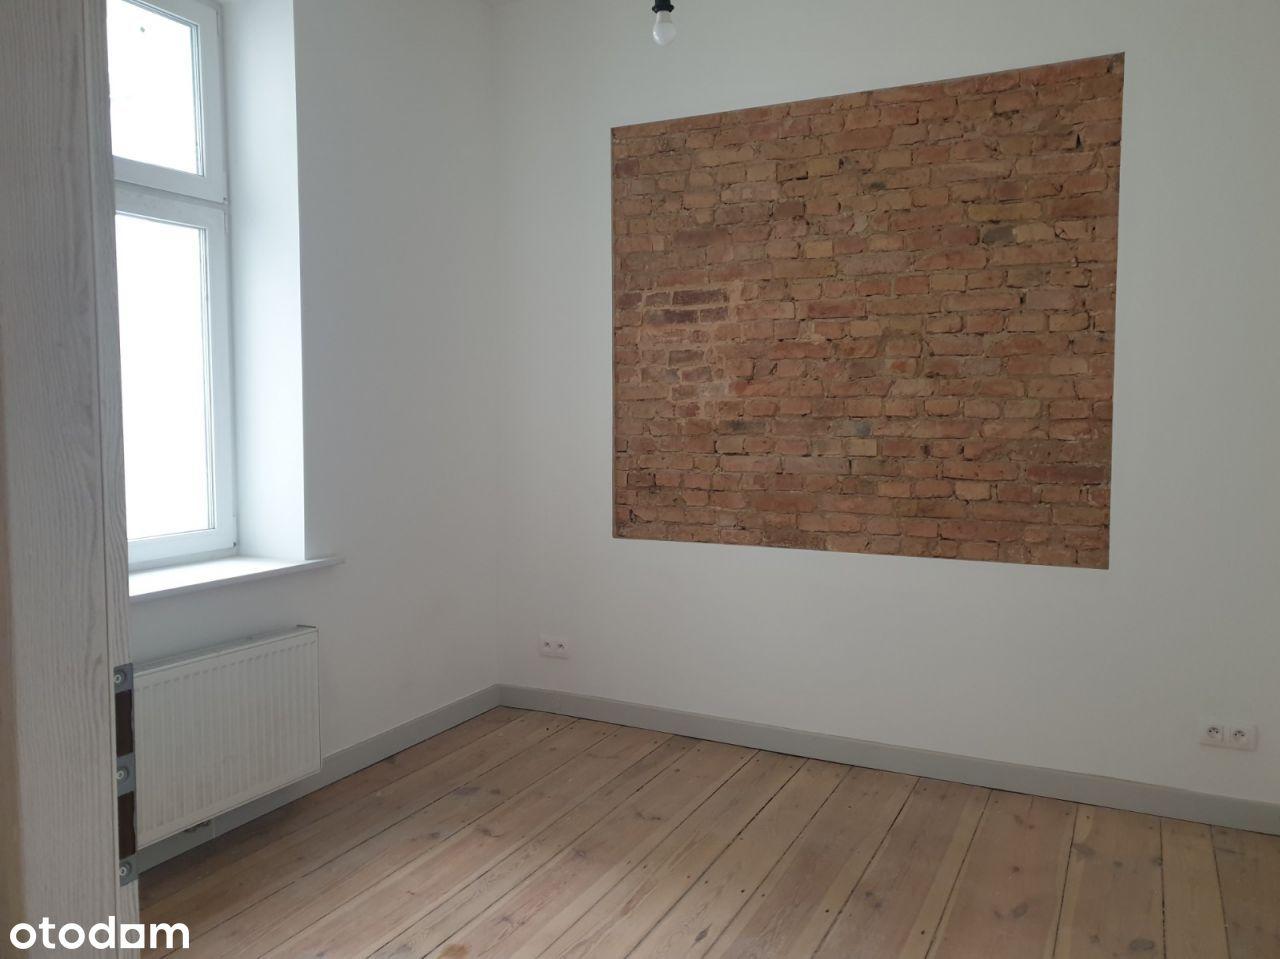 Mieszkanie, 49,40 m², Poznań